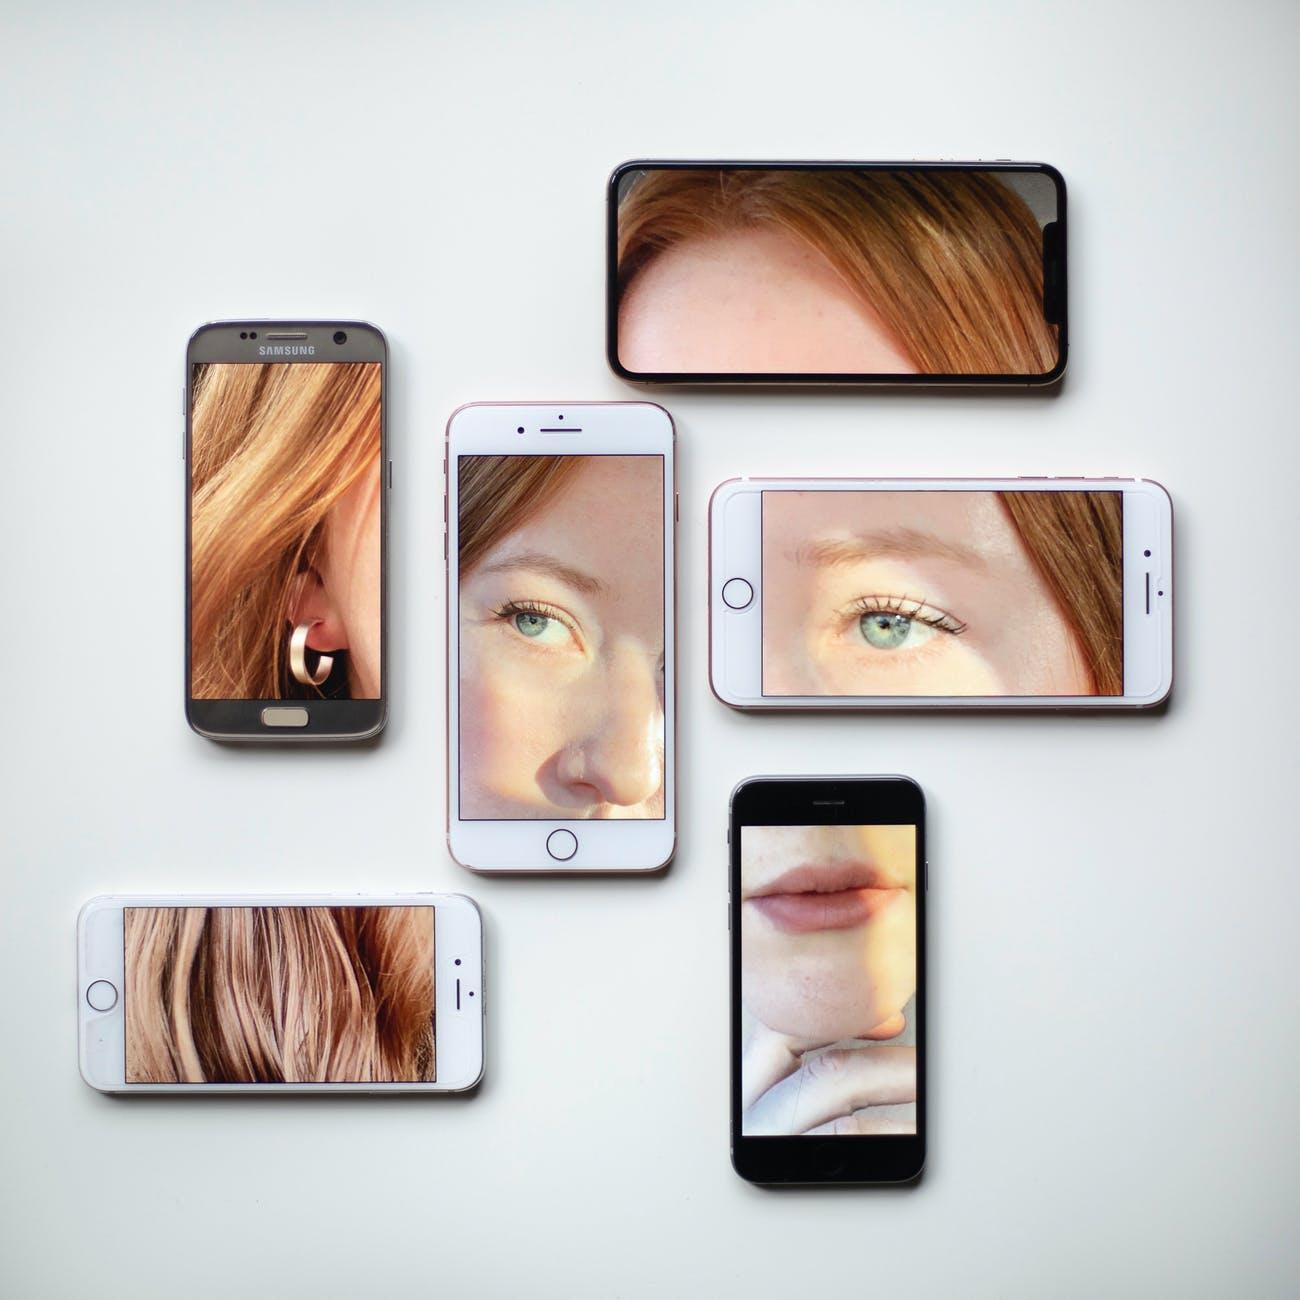 celular e smartphone amigo ou inimigo? 3 pontos importantes no Psico.Online